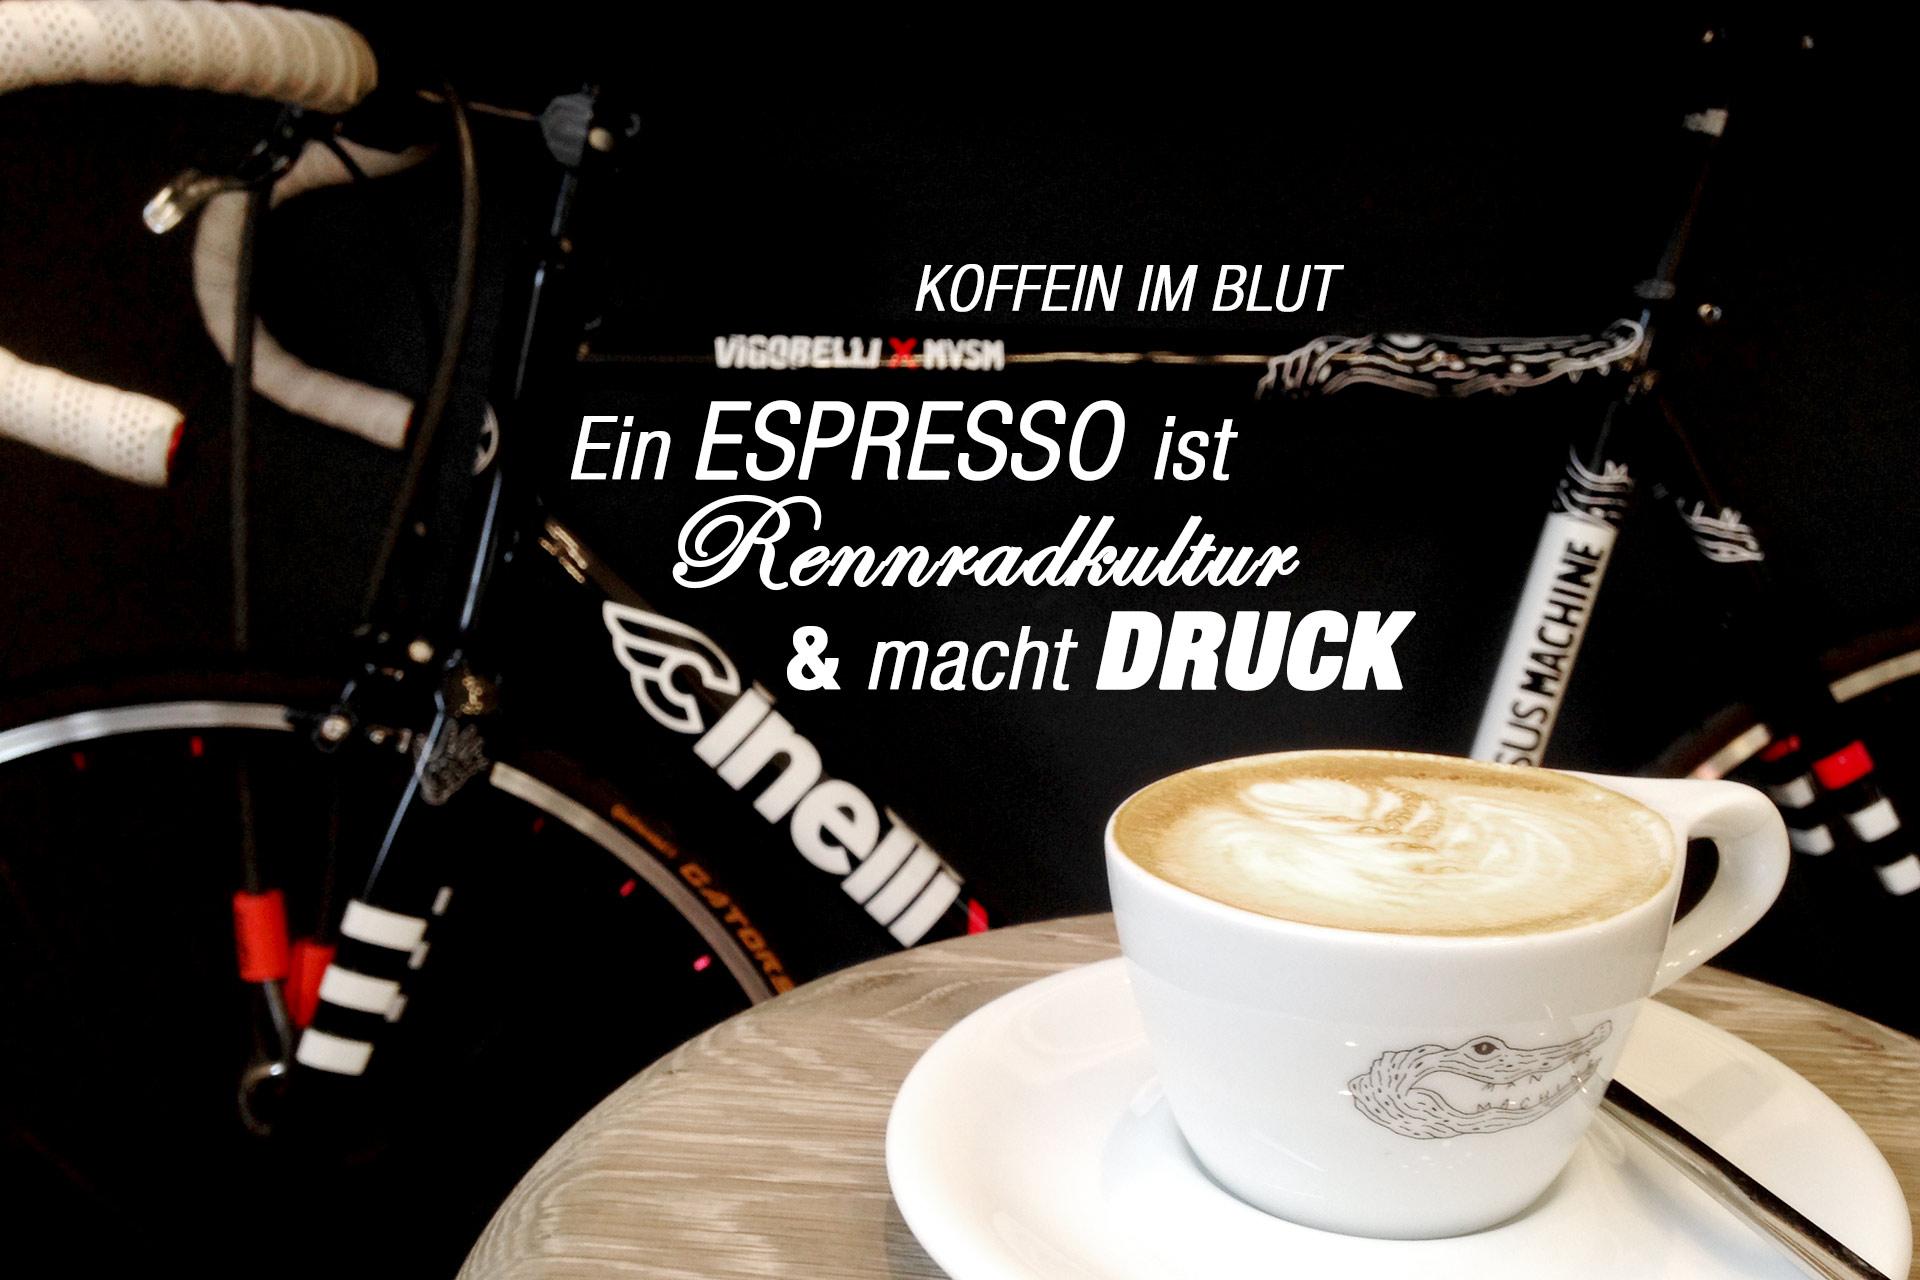 koffein im blut ein espresso ist rennradkultur und macht druck. Black Bedroom Furniture Sets. Home Design Ideas